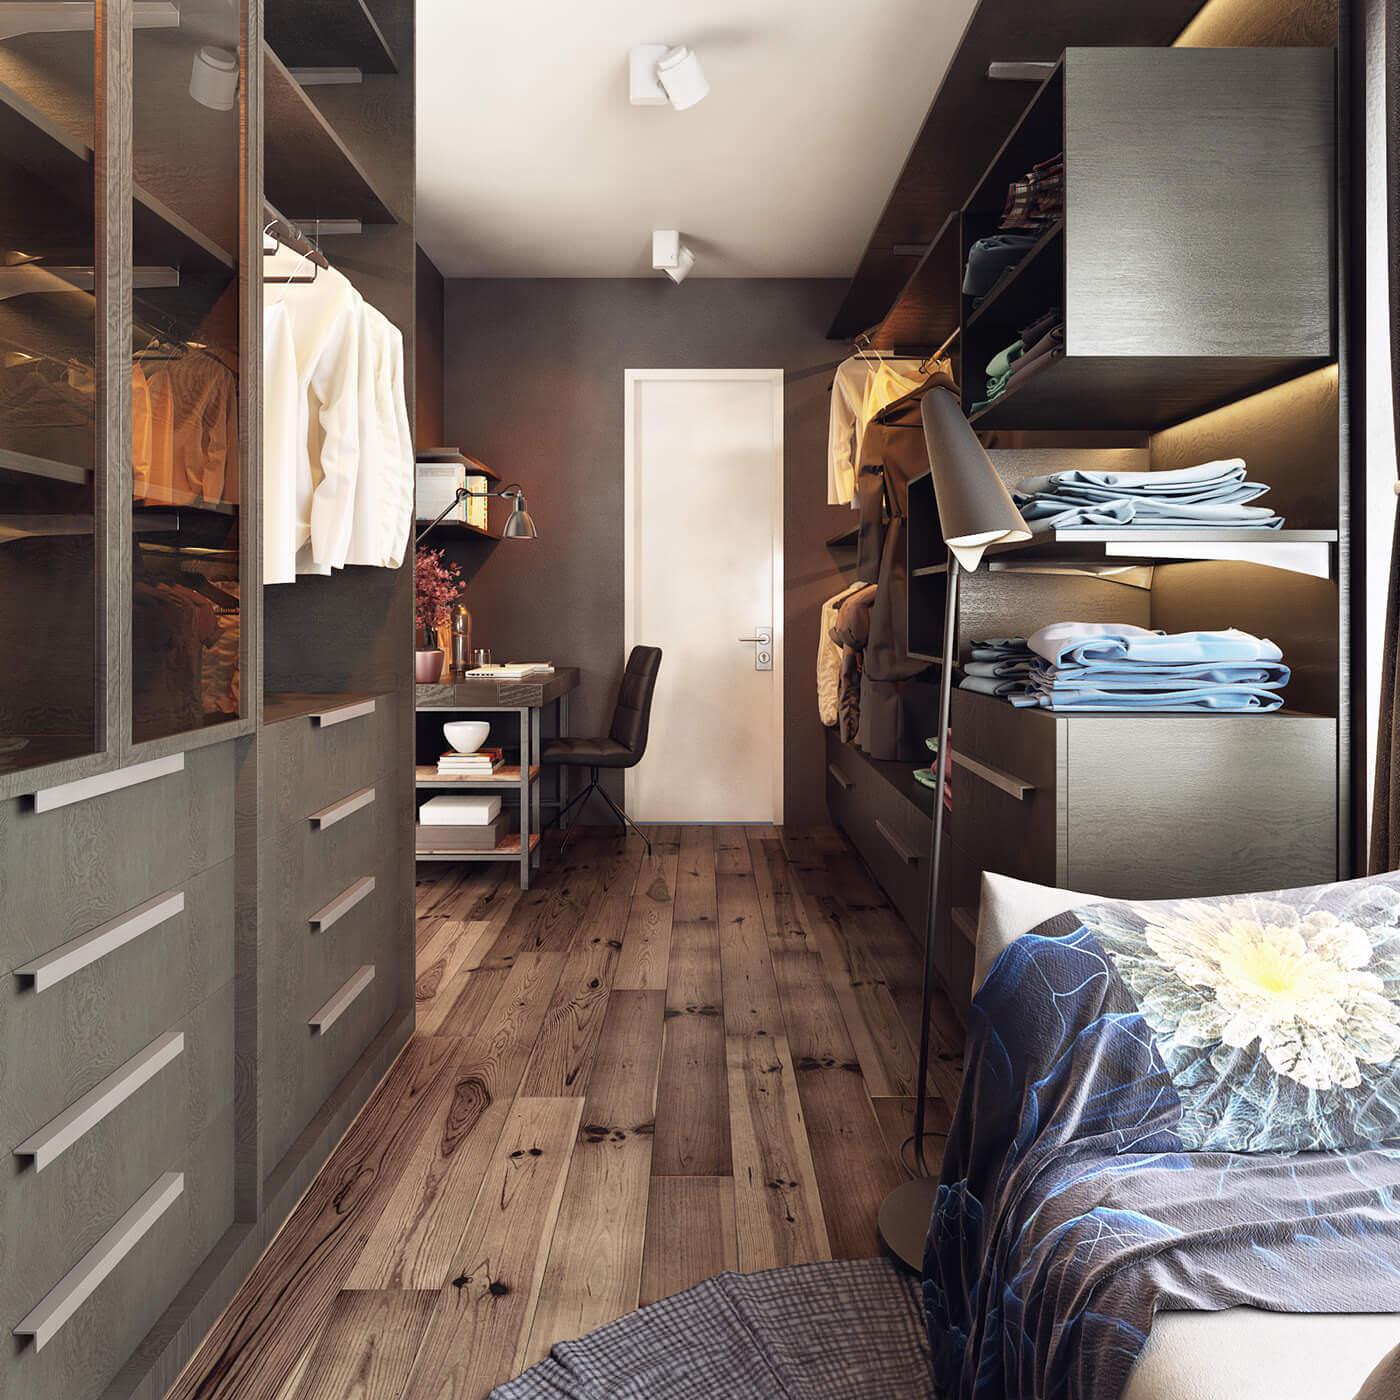 prostoren-apartament-s-eleganten-interior-v-neutralni-tsvetove-911g